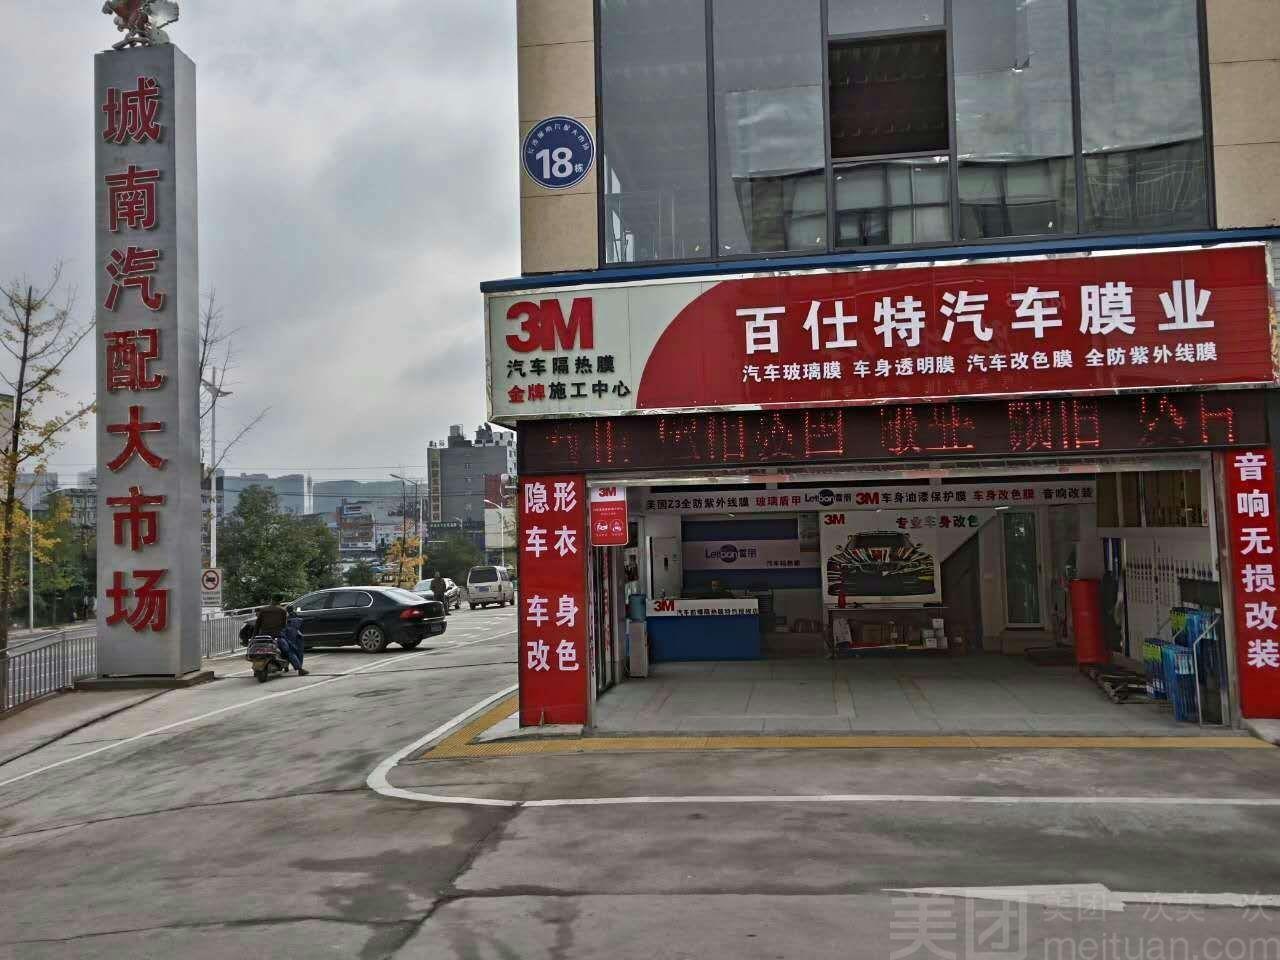 :长沙今日团购:【百仕特汽车膜业】3M汽车防爆隔热膜